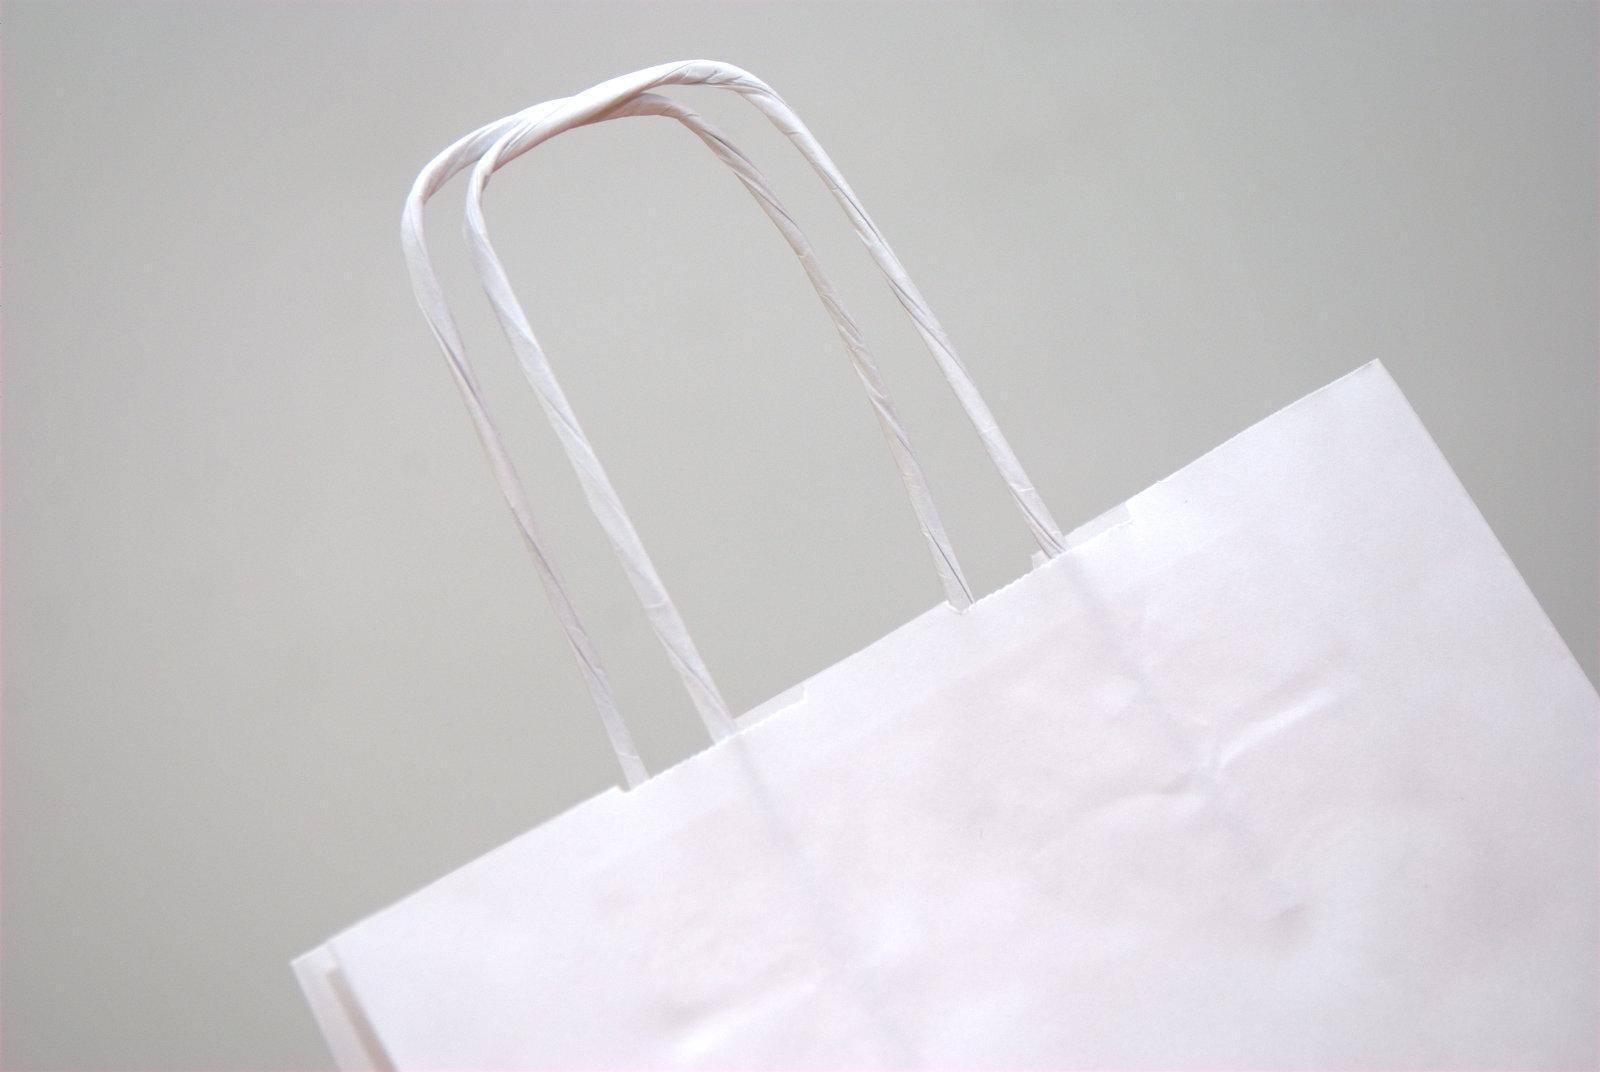 3388b71d9 Tašky z papiera s krúteným uchom sú najlacnejším variantom spomedzi  papierových tašiek